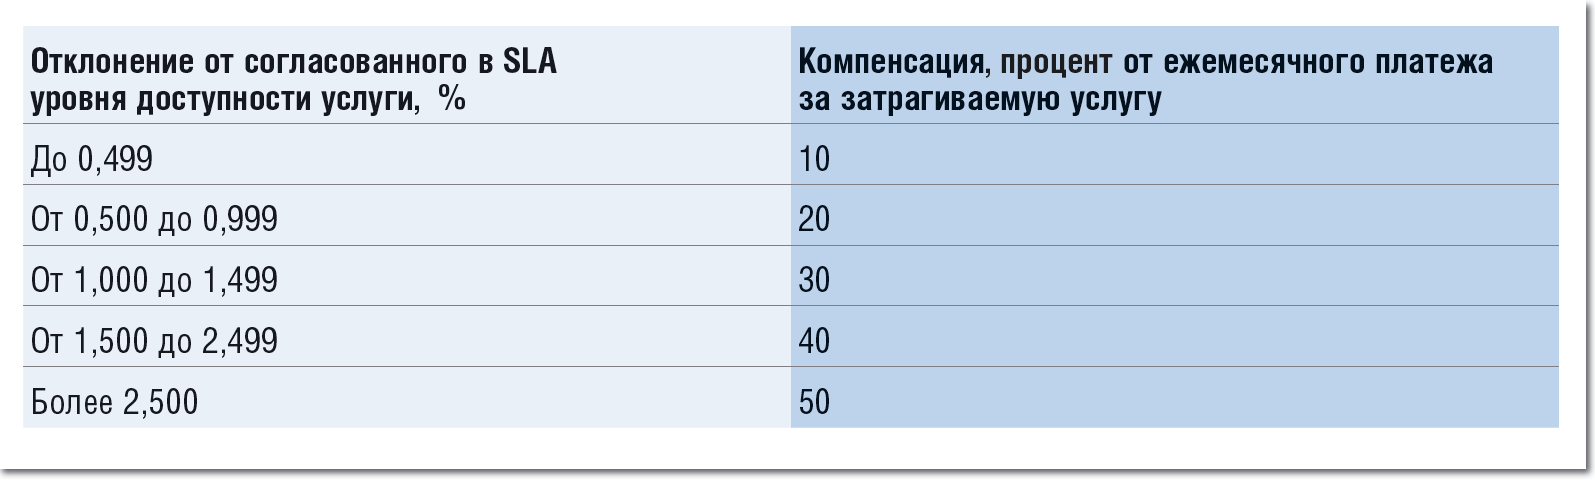 Схема и параметры компенсации